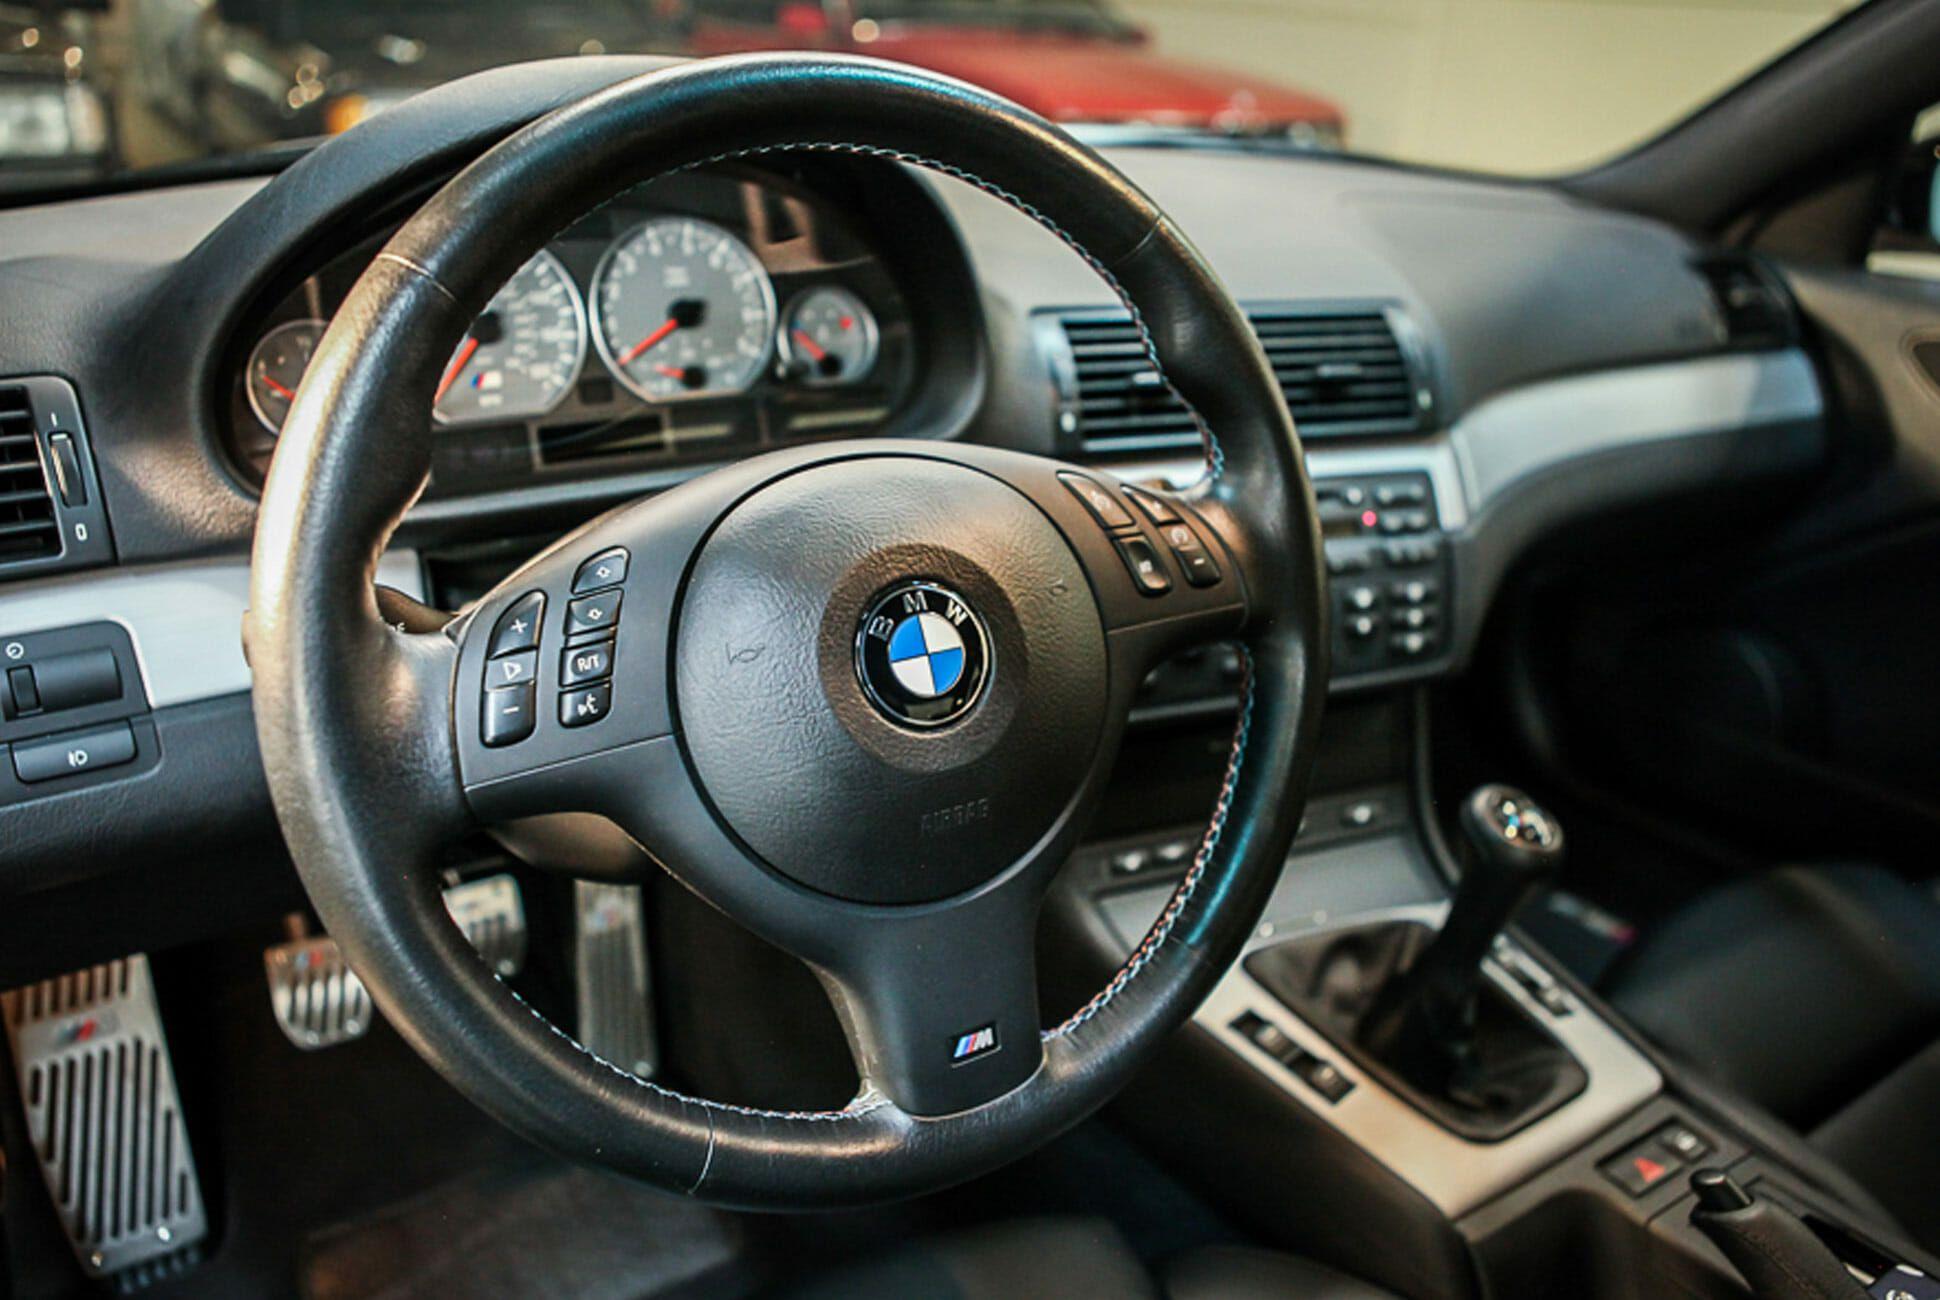 2005-Bring-a-Trailer-BMW-M3--gear-patrol-4